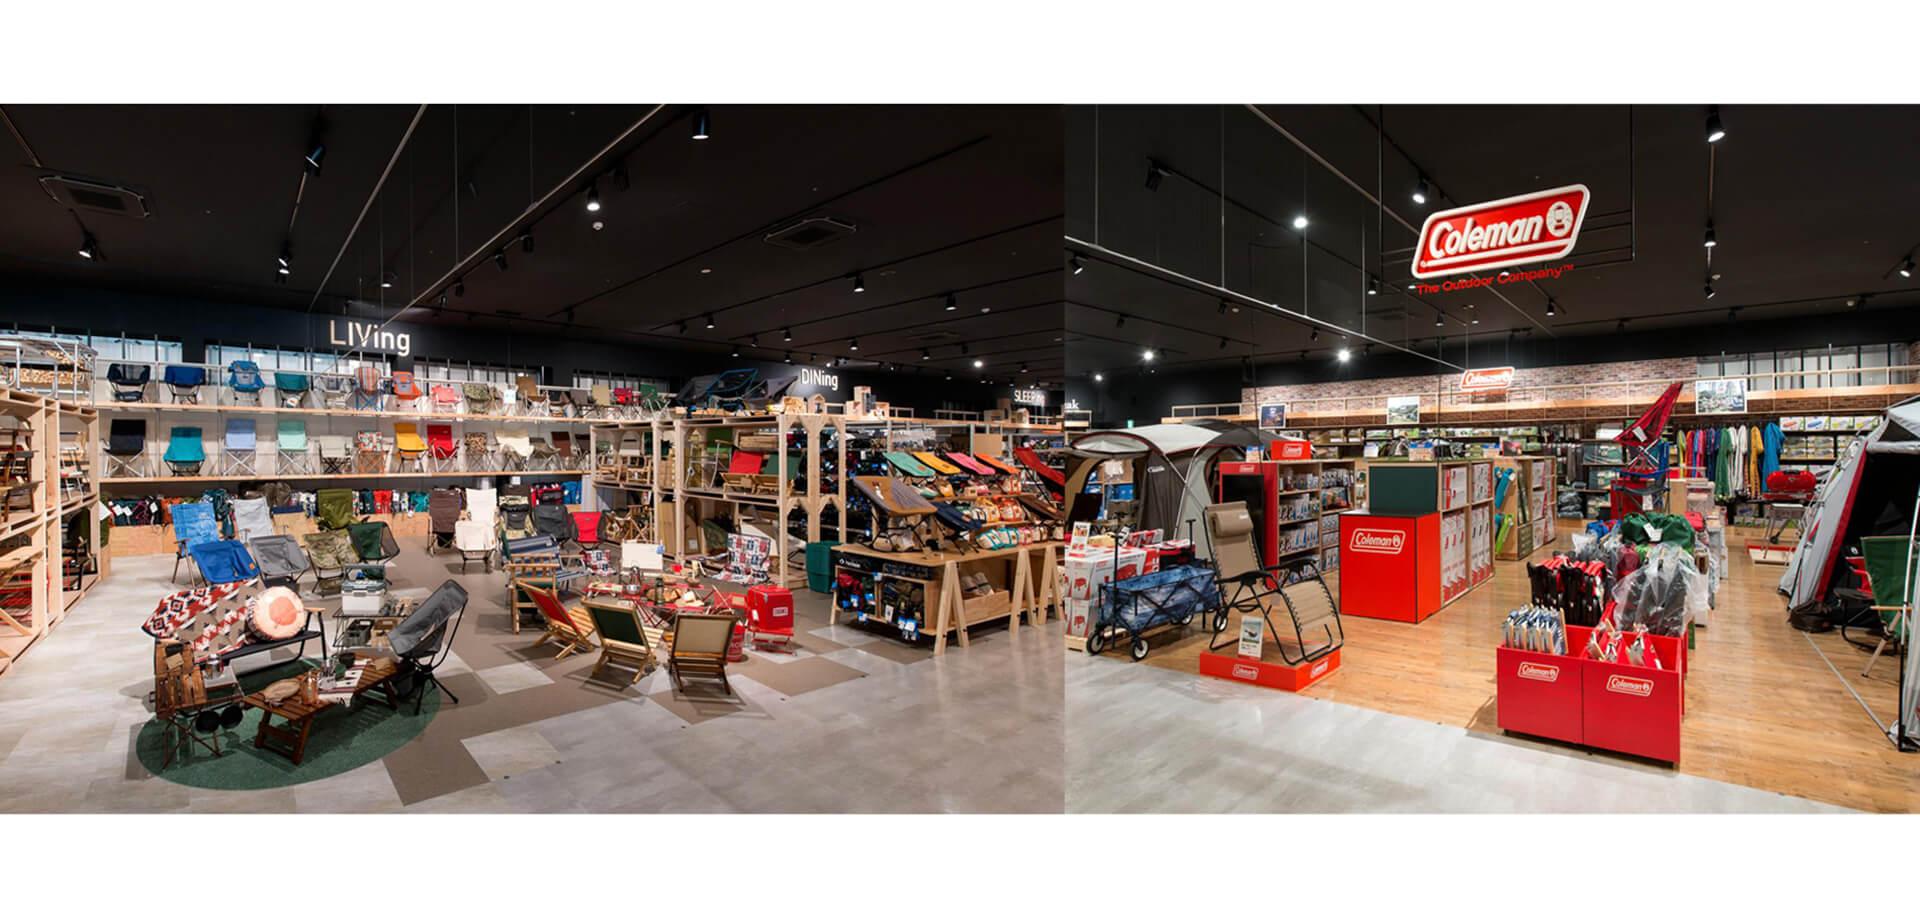 AlpenOutdoors 港北ノースポートモール店